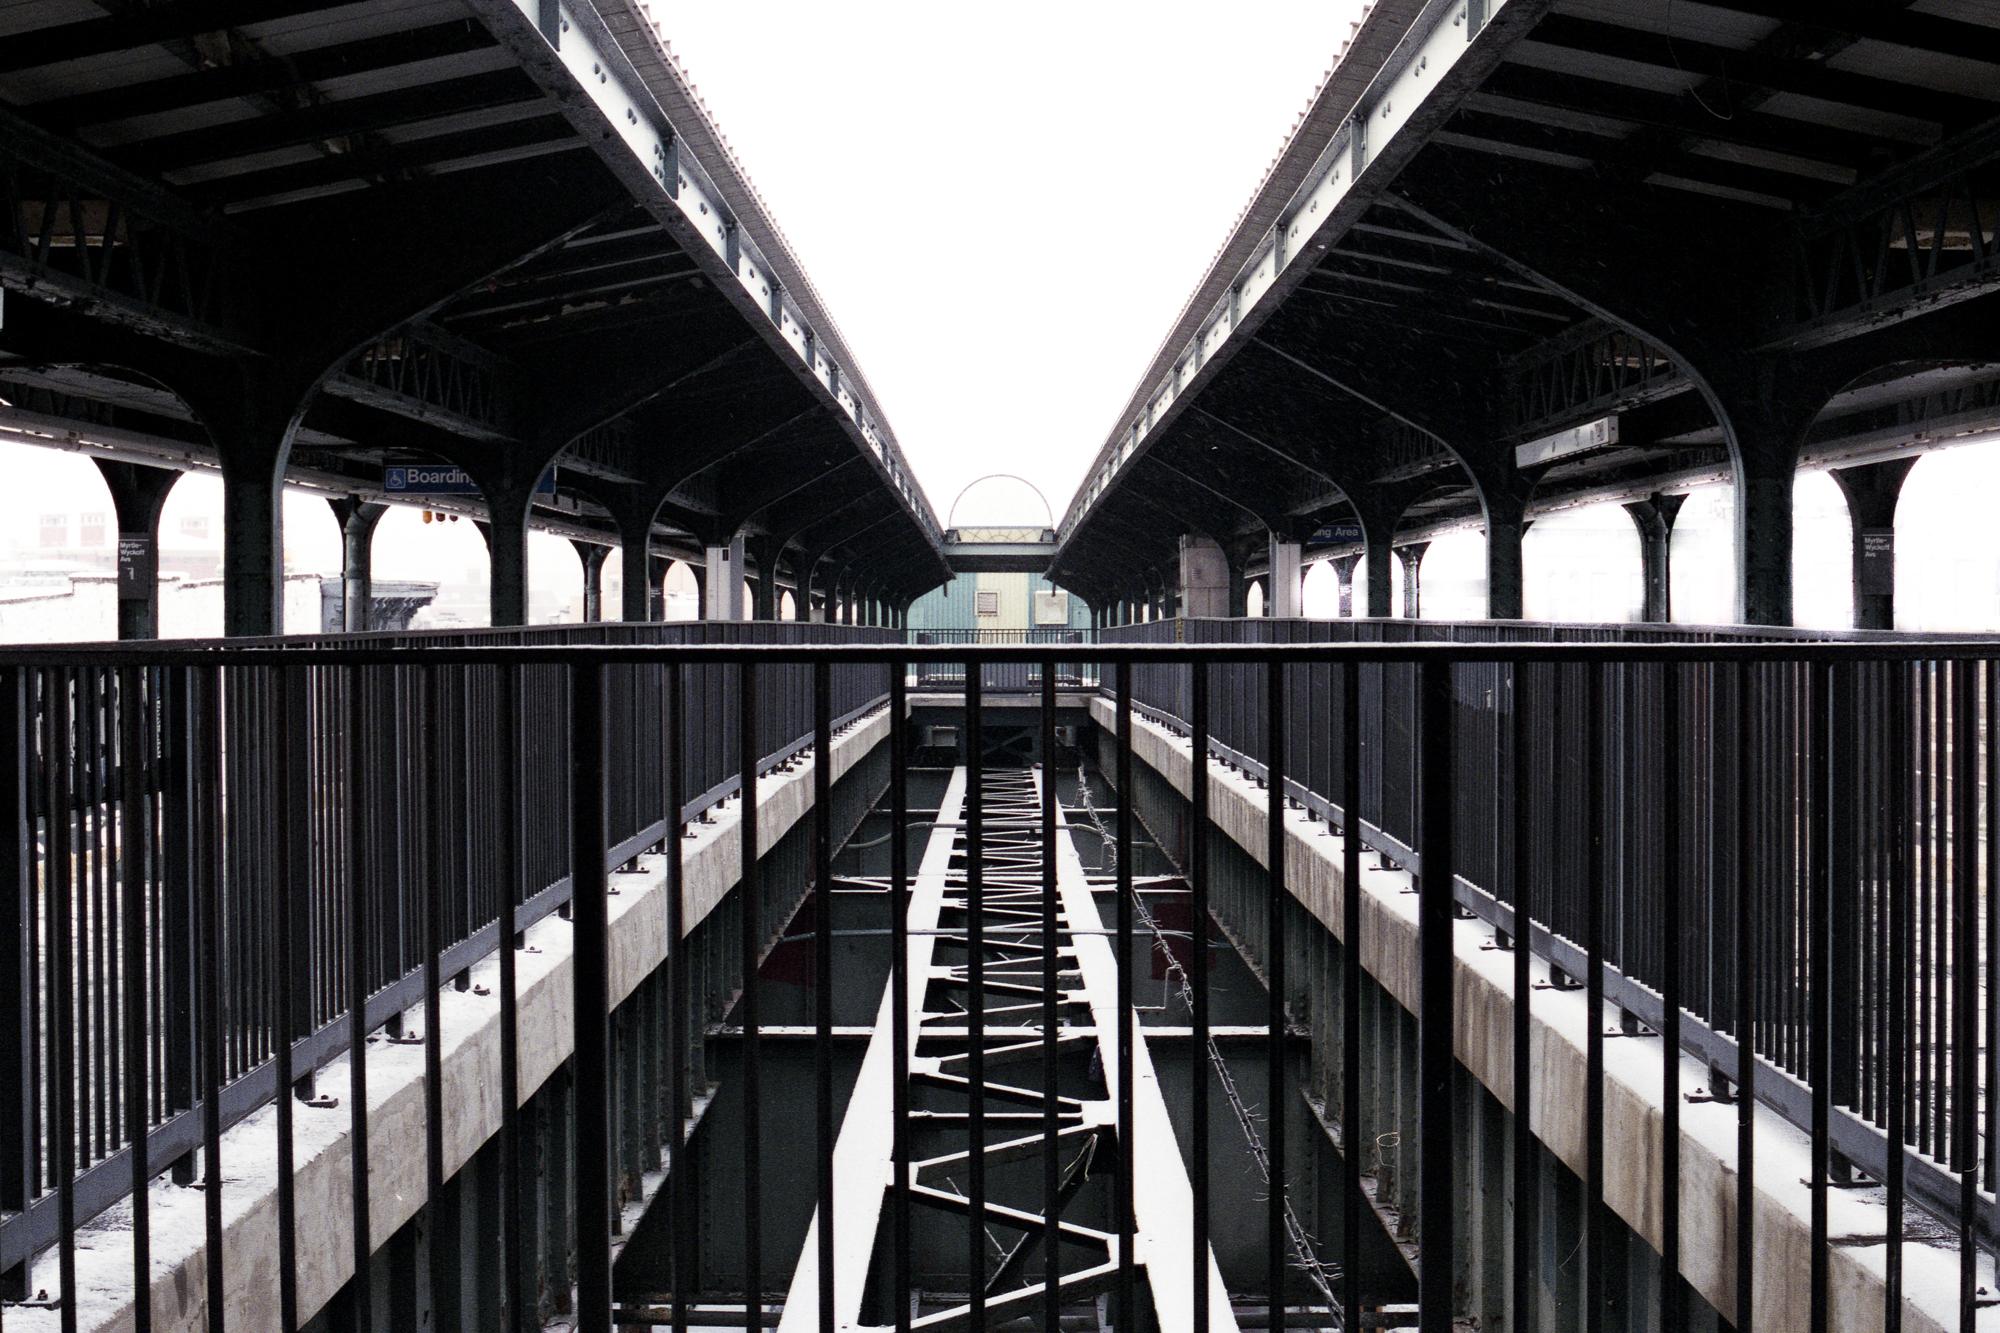 Broadway Junction Brooklyn N.Y